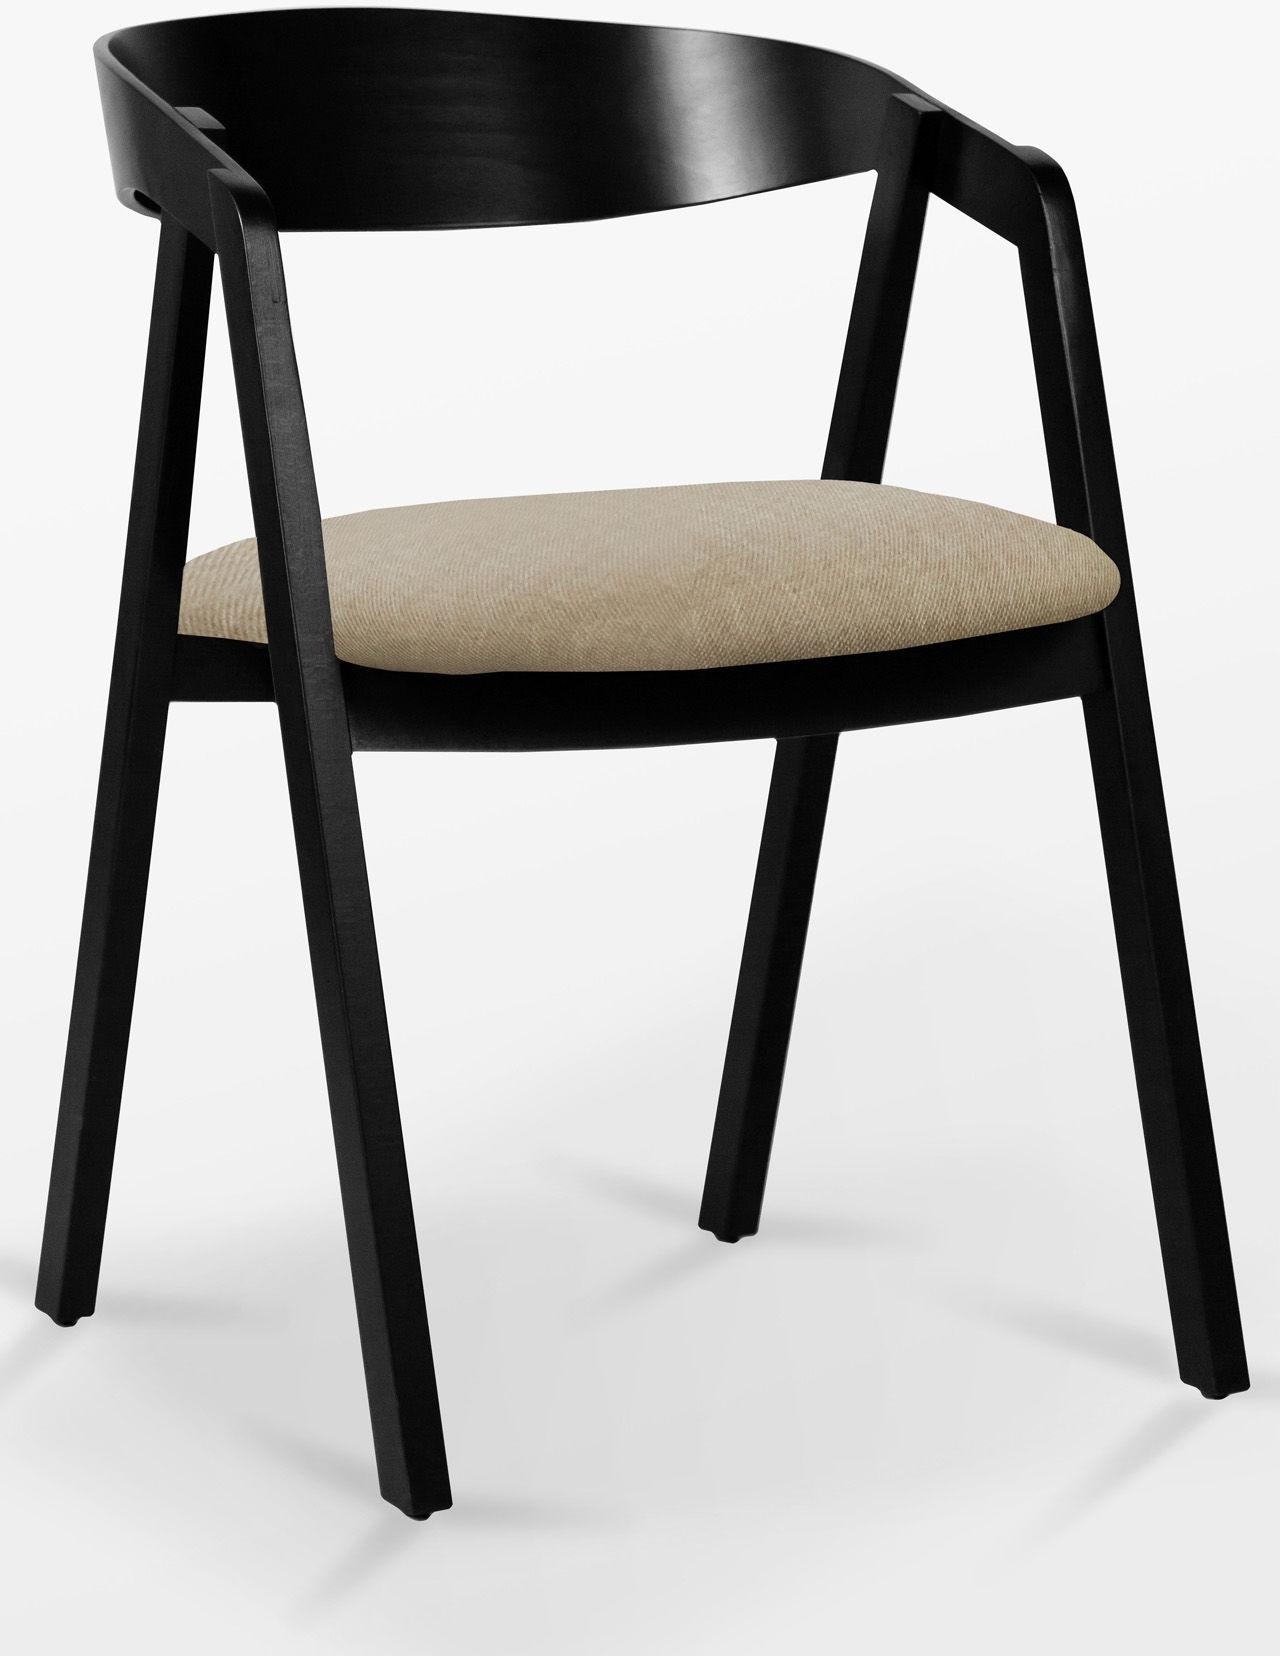 Krzesło bukowe NK-15mc Tapicerka lub Ekoskóra czarna/biała